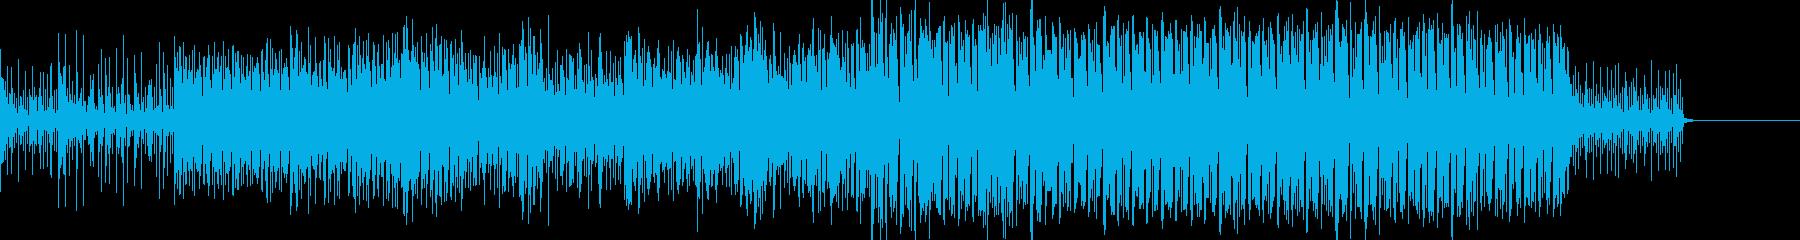 アフリカの音をとらえた明るい世界音...の再生済みの波形